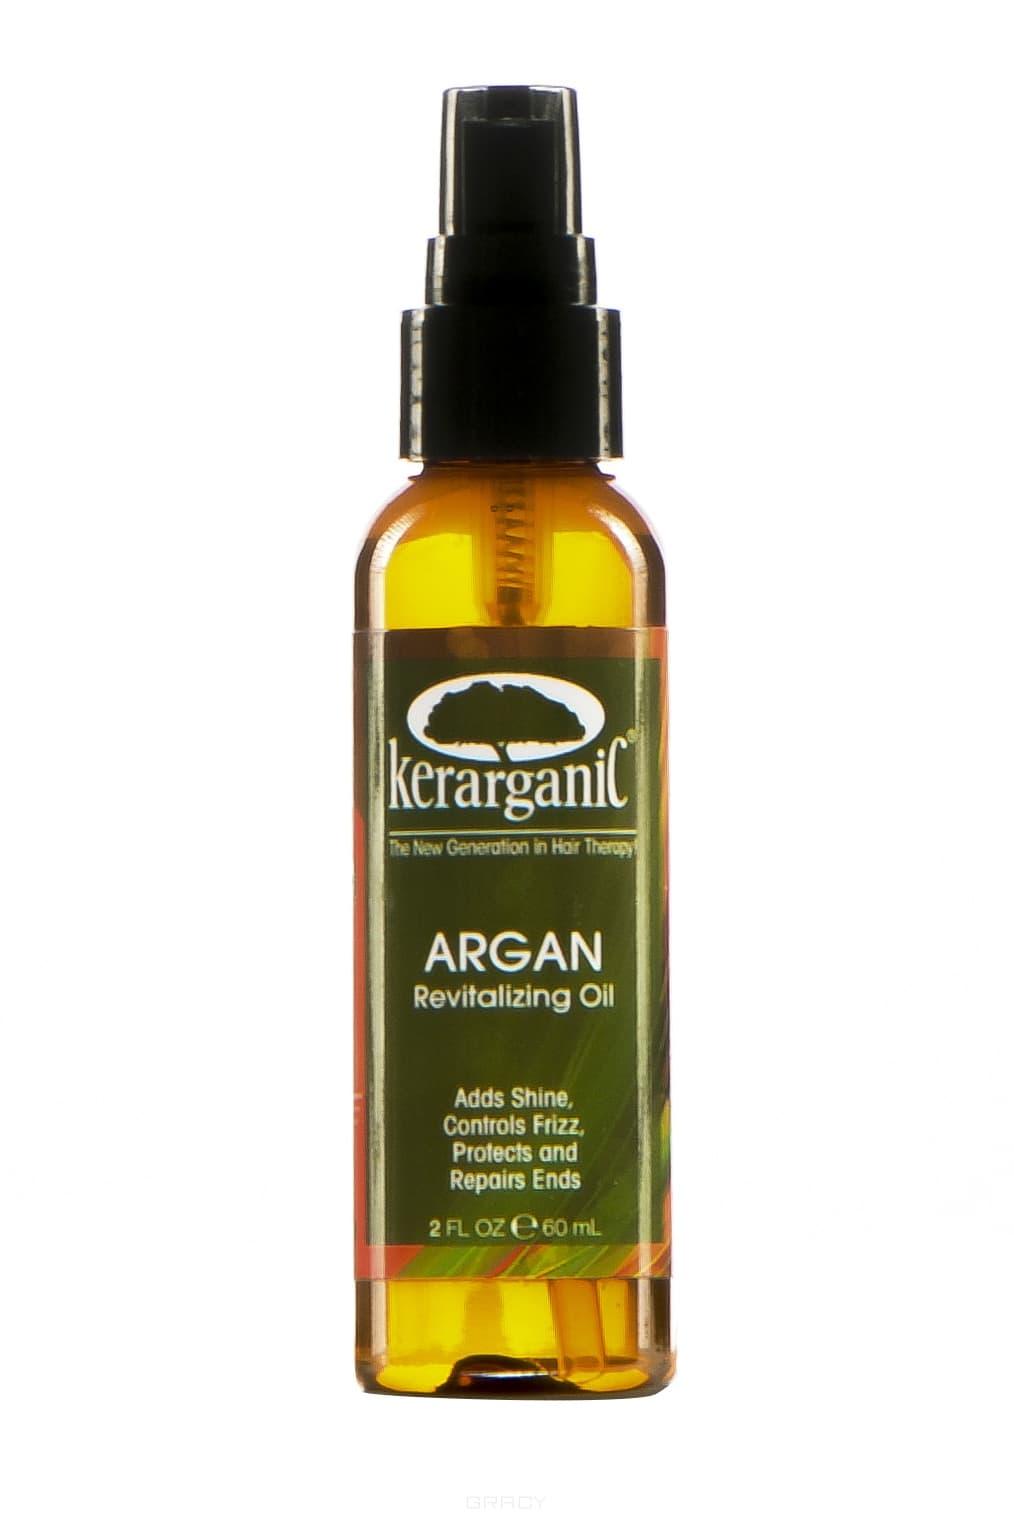 Kerarganic Argan Oil Аргановое масло, 60 мл, KERARGANIC Argan Oil Аргановое масло, 50 мл, 60 мл hask argan oil дуо набор для восстановления волос argan oil дуо набор для восстановления волос